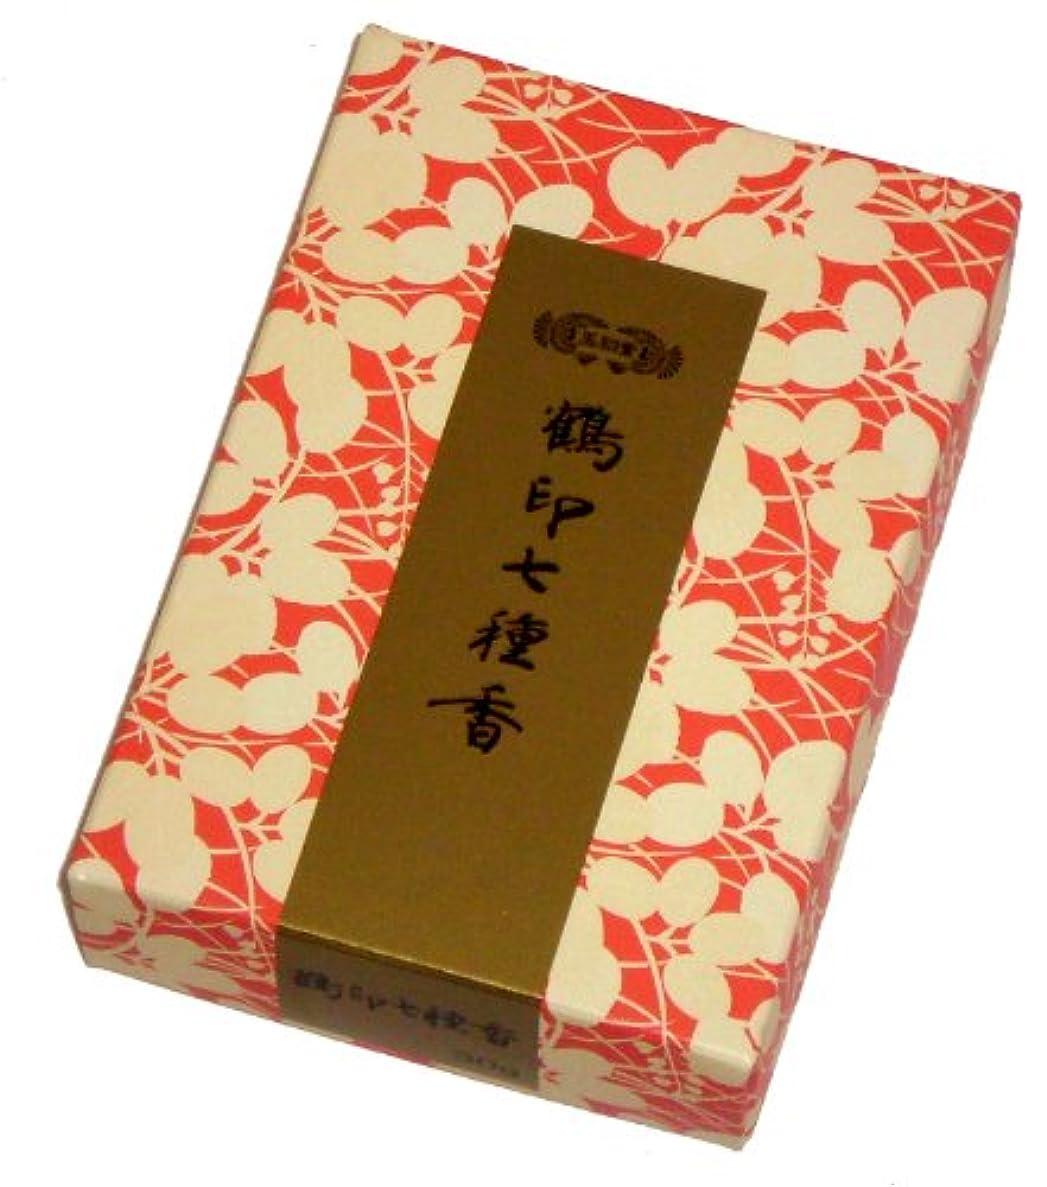 重さ配列代表団玉初堂のお香 鶴印七種香 30g #675